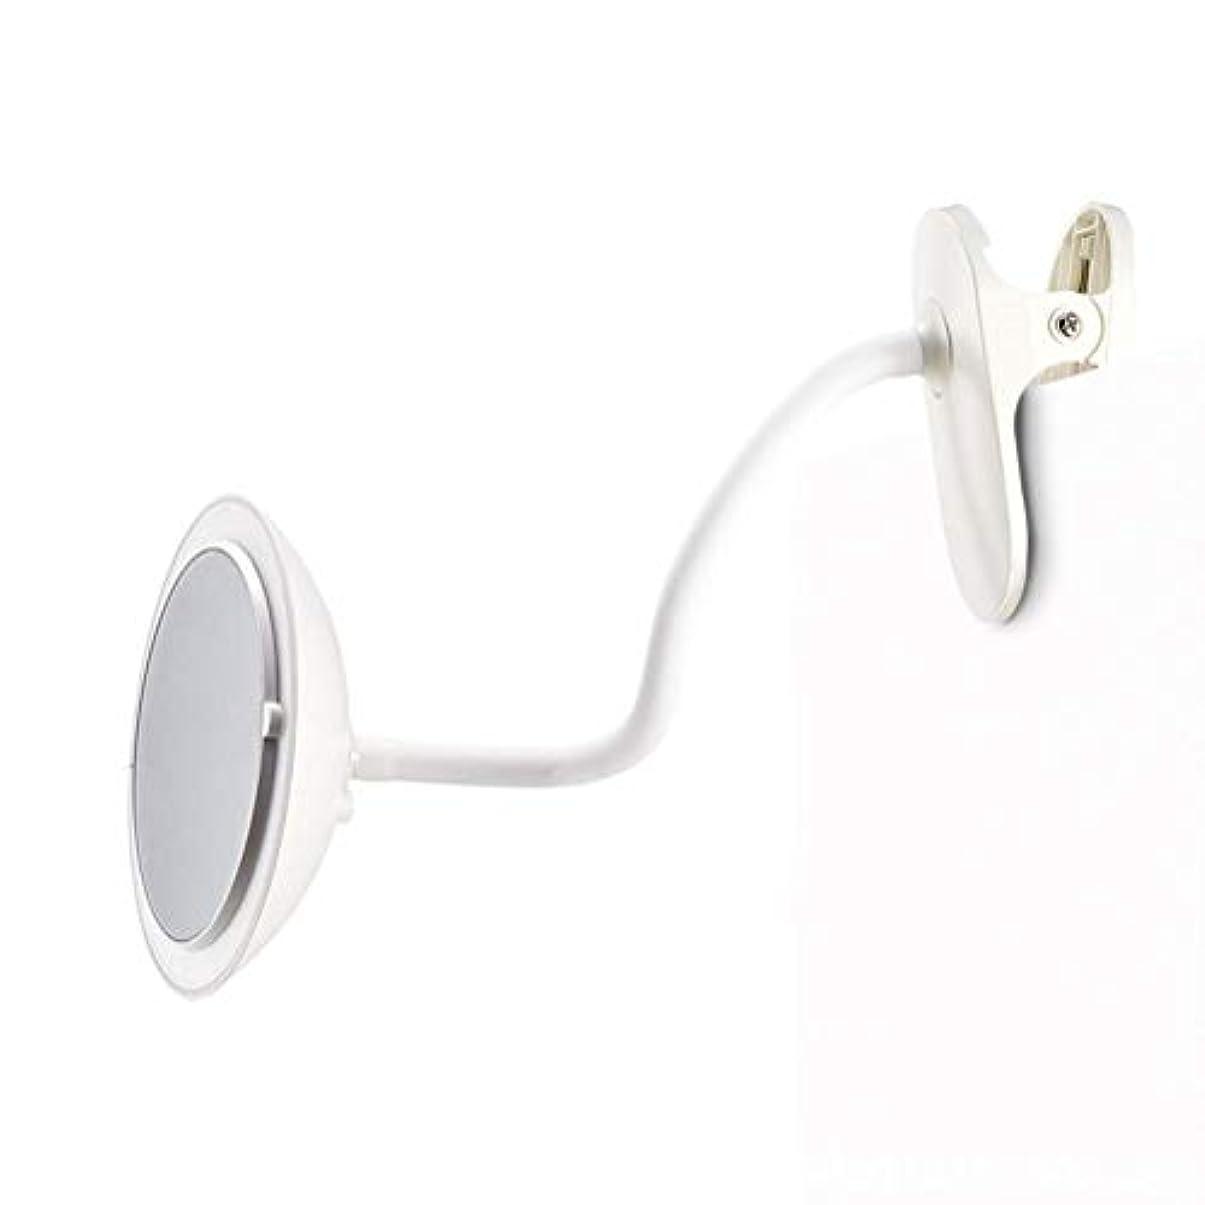 ジョセフバンクスどれでも悪性腫瘍クリップタイプLED化粧鏡付き5倍ミラー調整可能な柔軟なグースネック360°回転3つの明るさ調整両面化粧鏡ホワイト